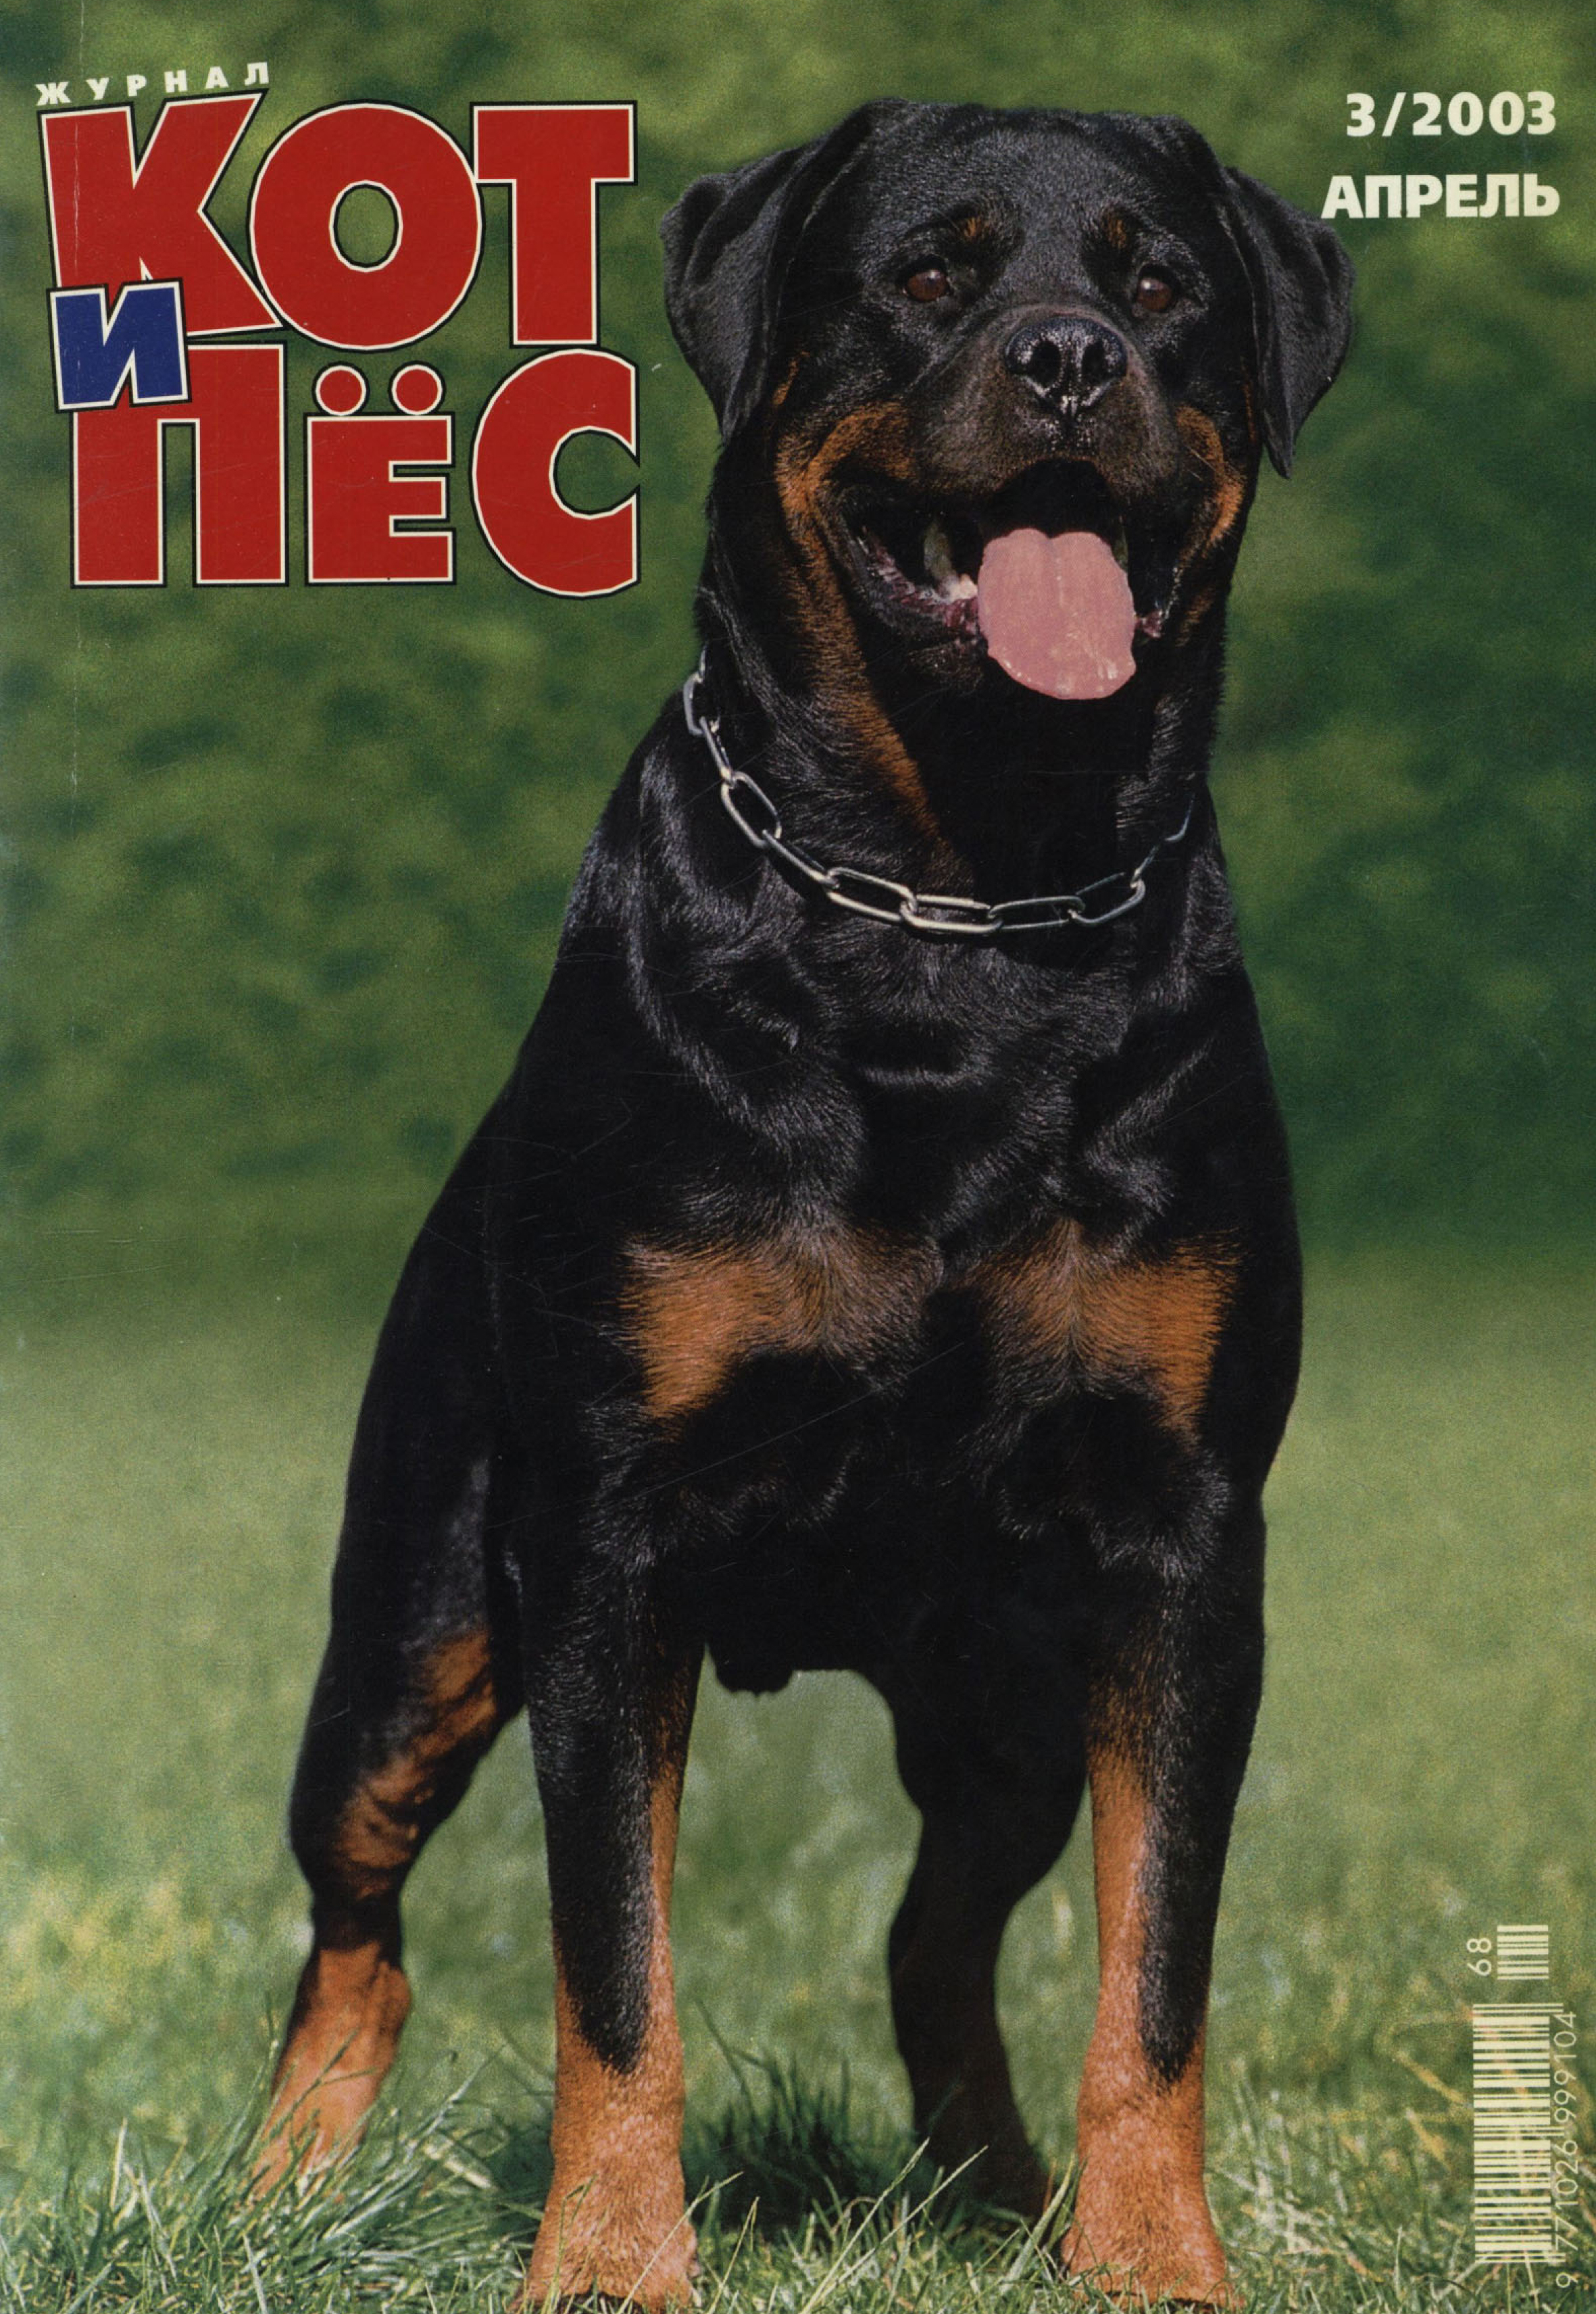 Отсутствует Кот и Пёс №03/2003 календарь а2 printio салют